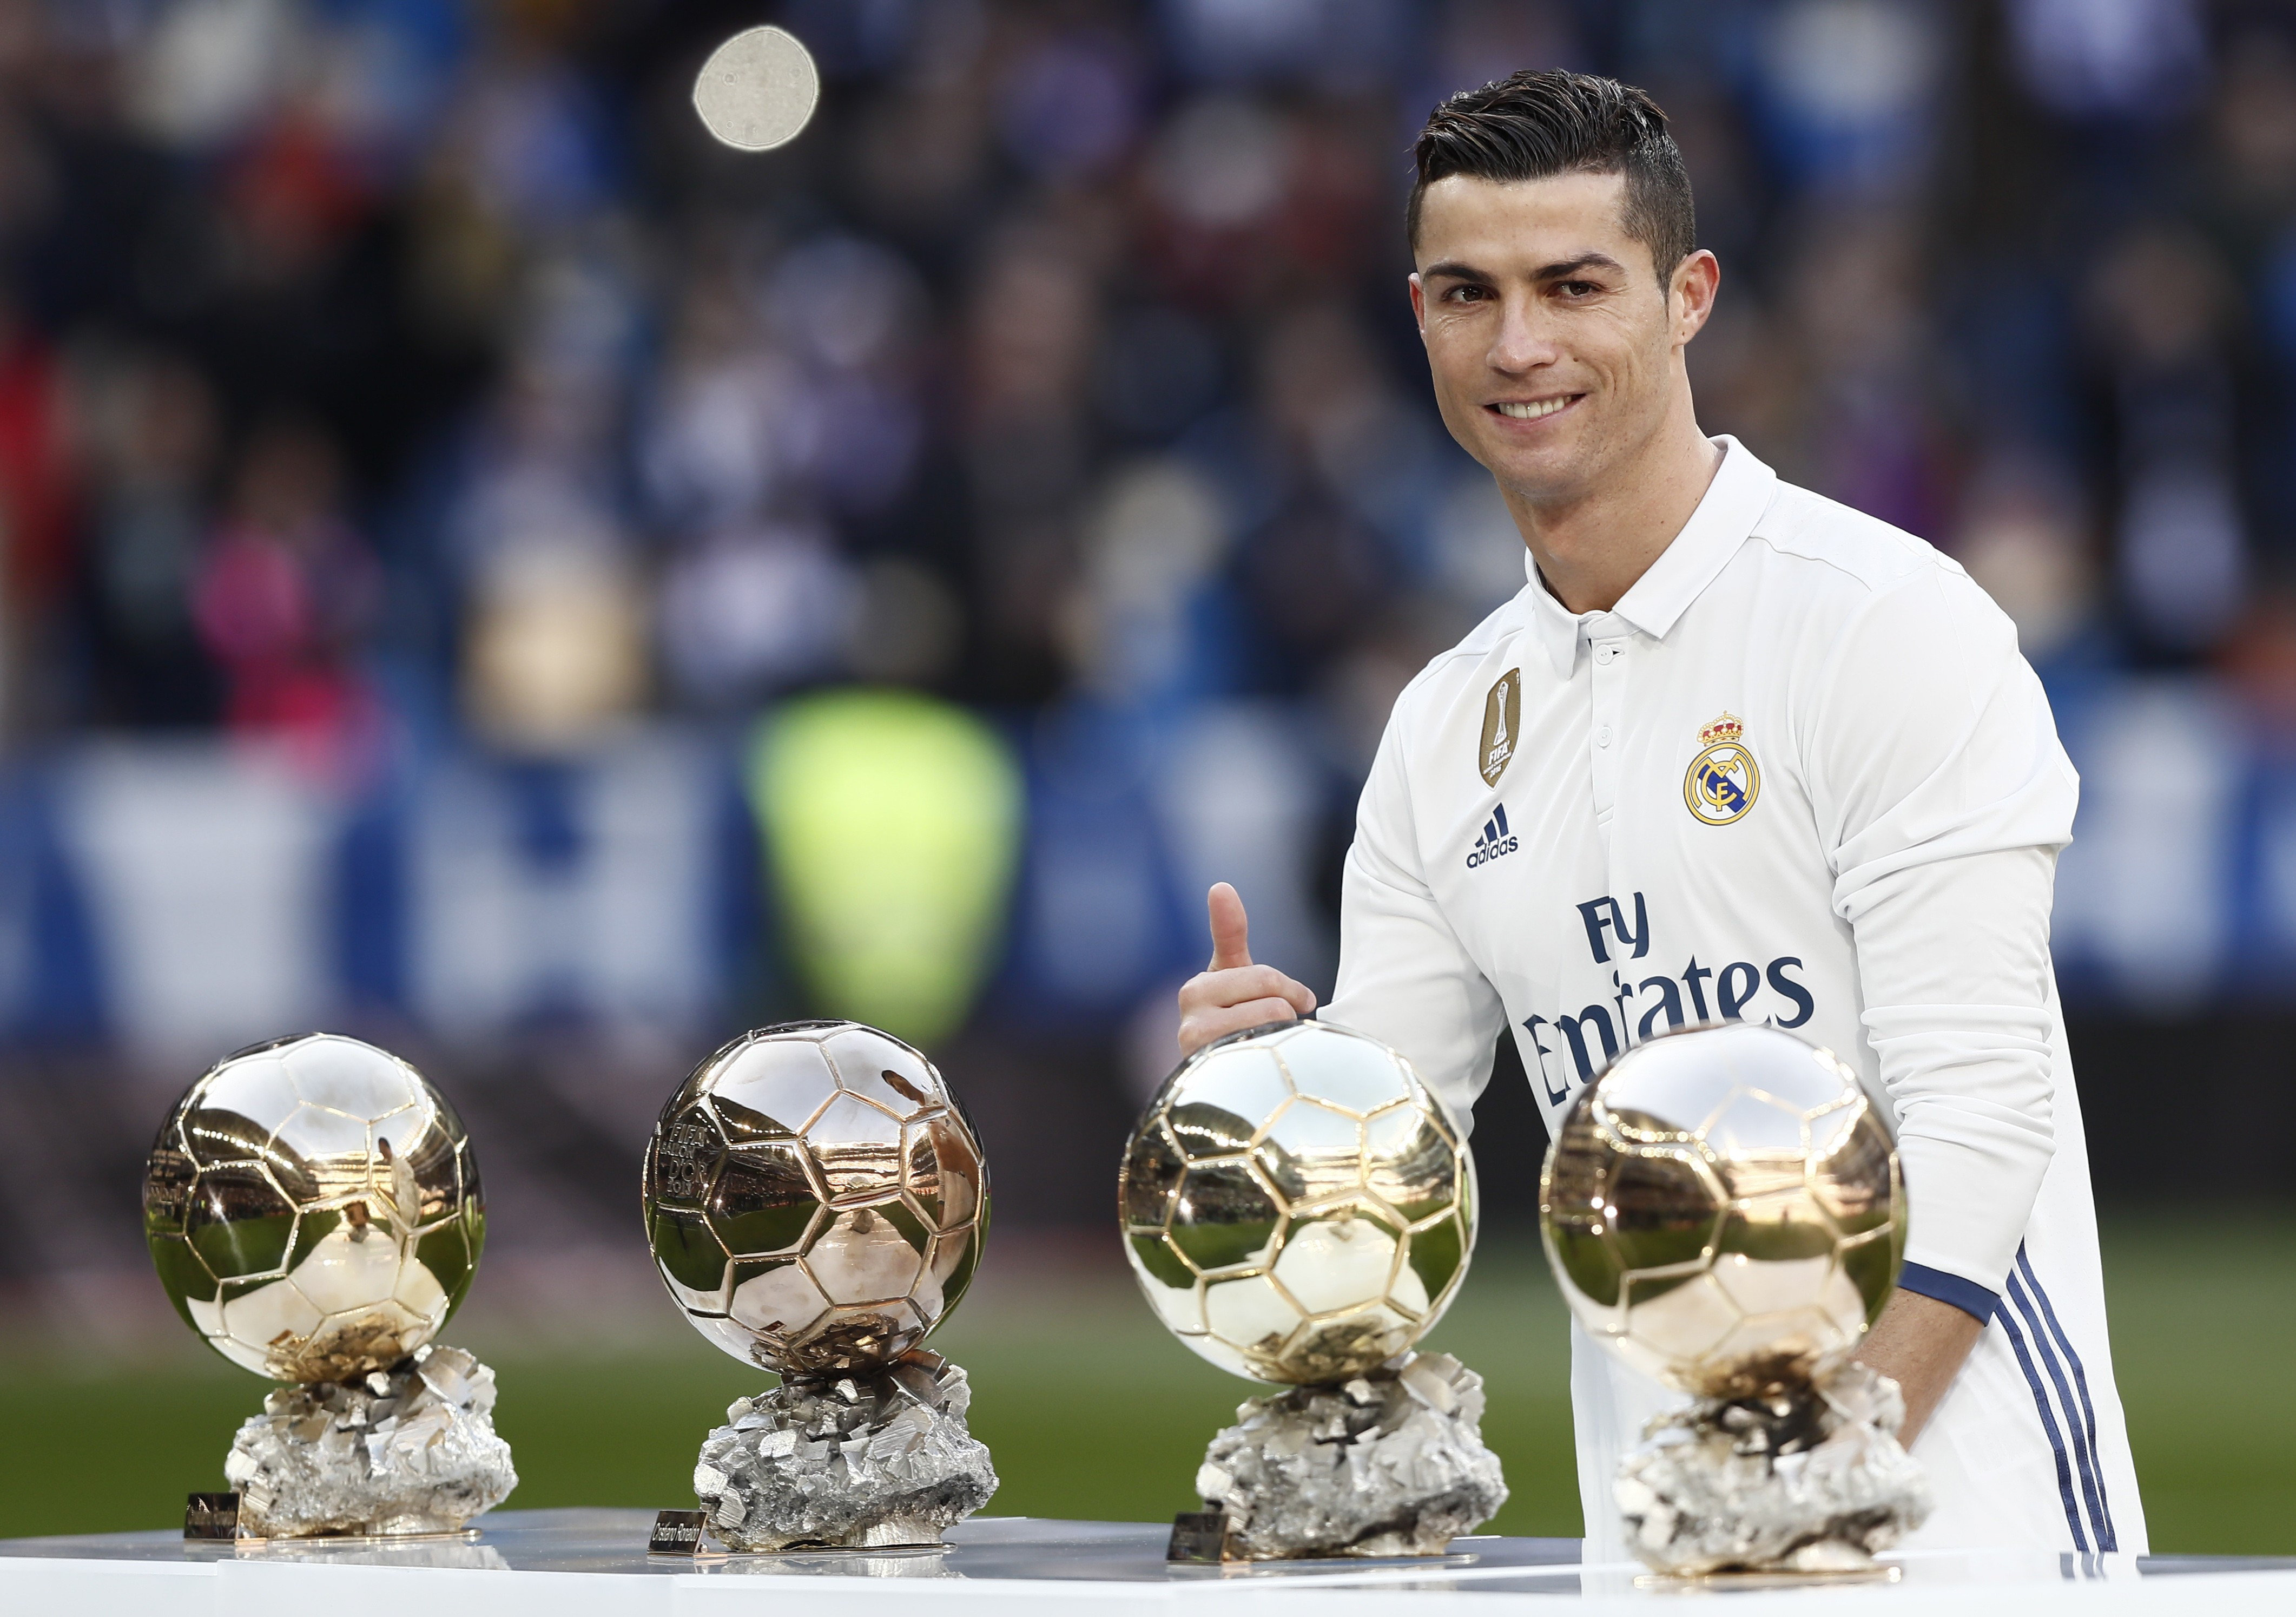 Opinião  por que Cristiano Ronaldo não foi o melhor do mundo em 2016 dfbac255153a1